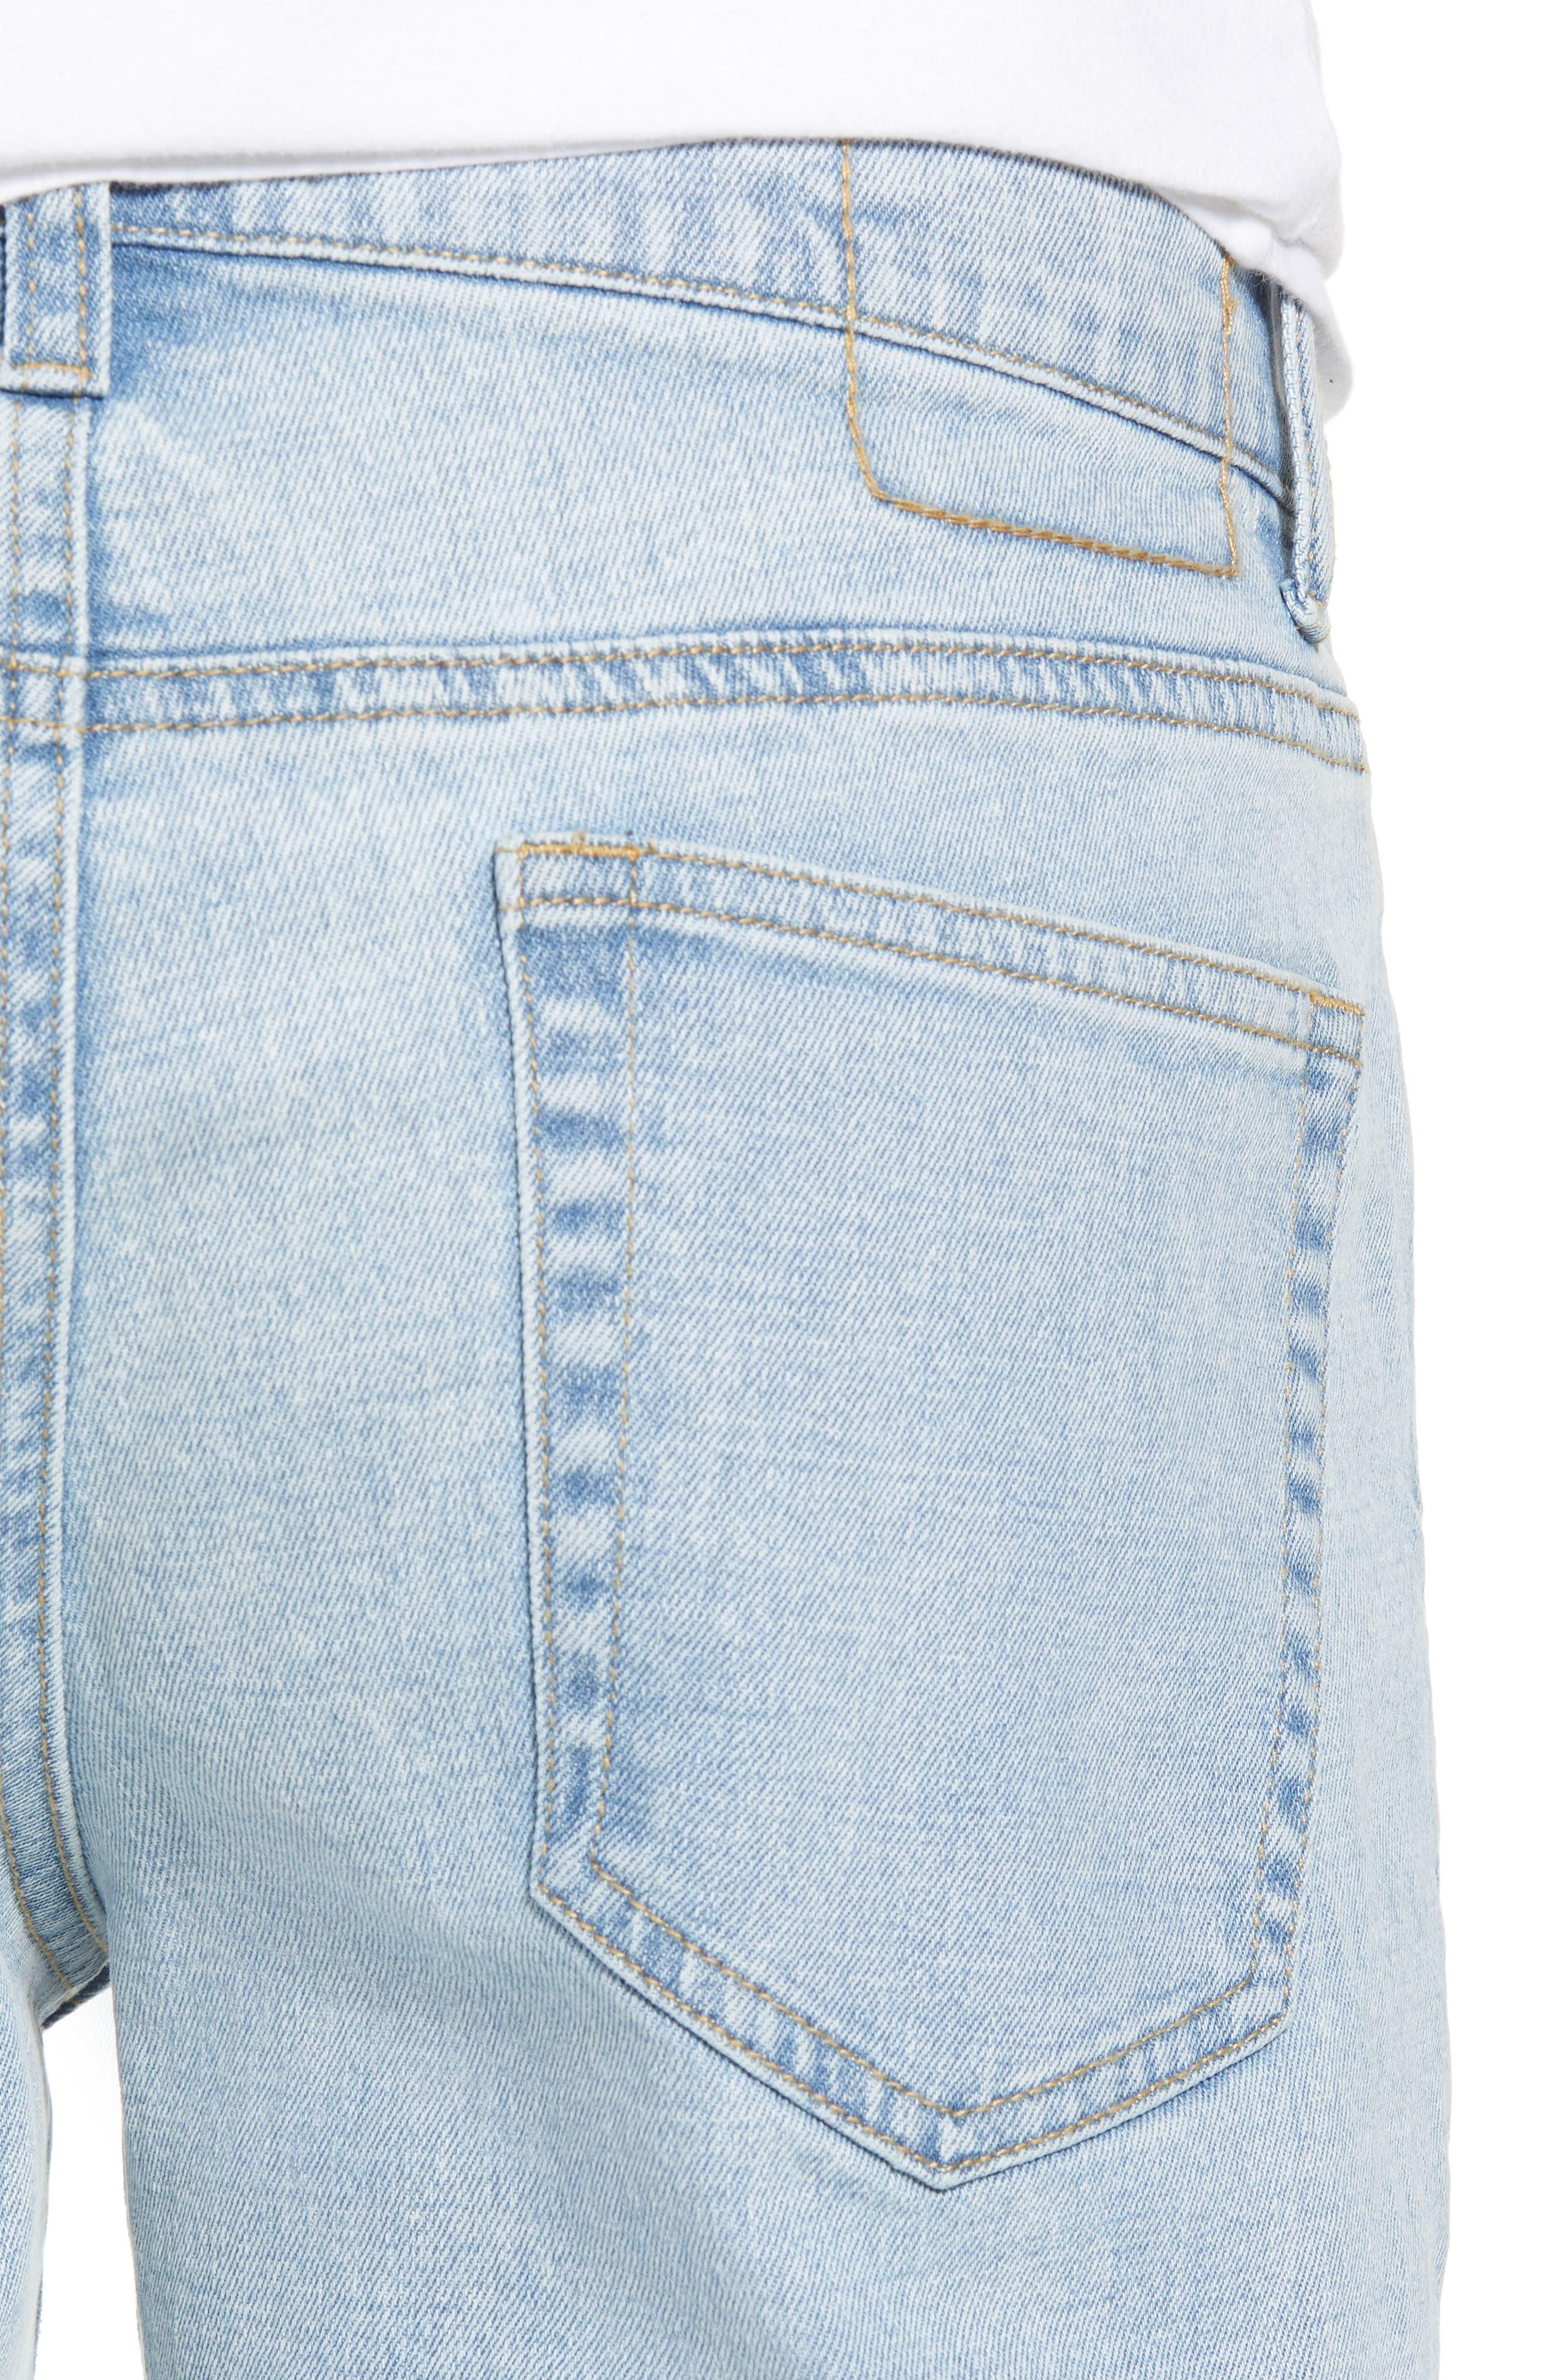 Acid Wash Stretch Slim Leg Jeans,                             Alternate thumbnail 4, color,                             BLUE VEDDER WASH